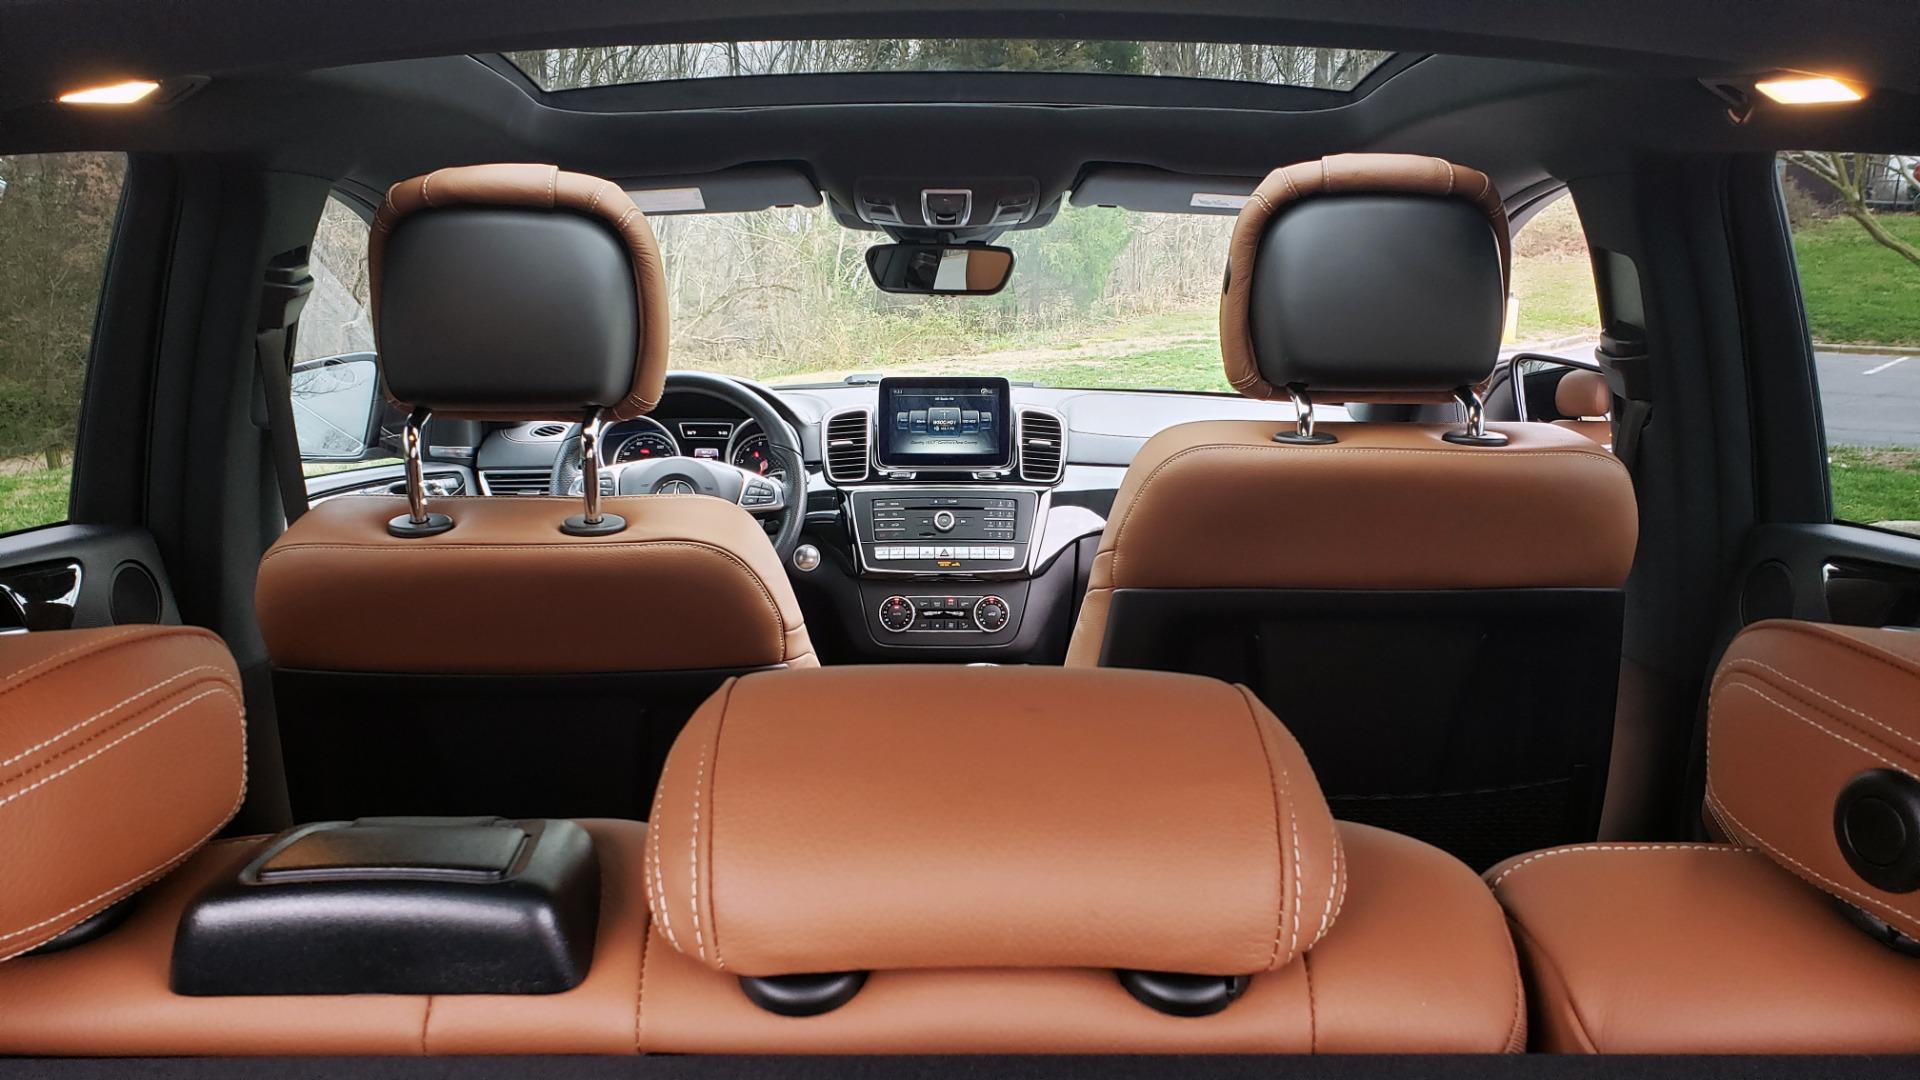 Used 2016 Mercedes-Benz GLE 450 AMG / AWD / PREM PKG / PARK ASST / DRVR ASST / SUNROOF for sale Sold at Formula Imports in Charlotte NC 28227 21